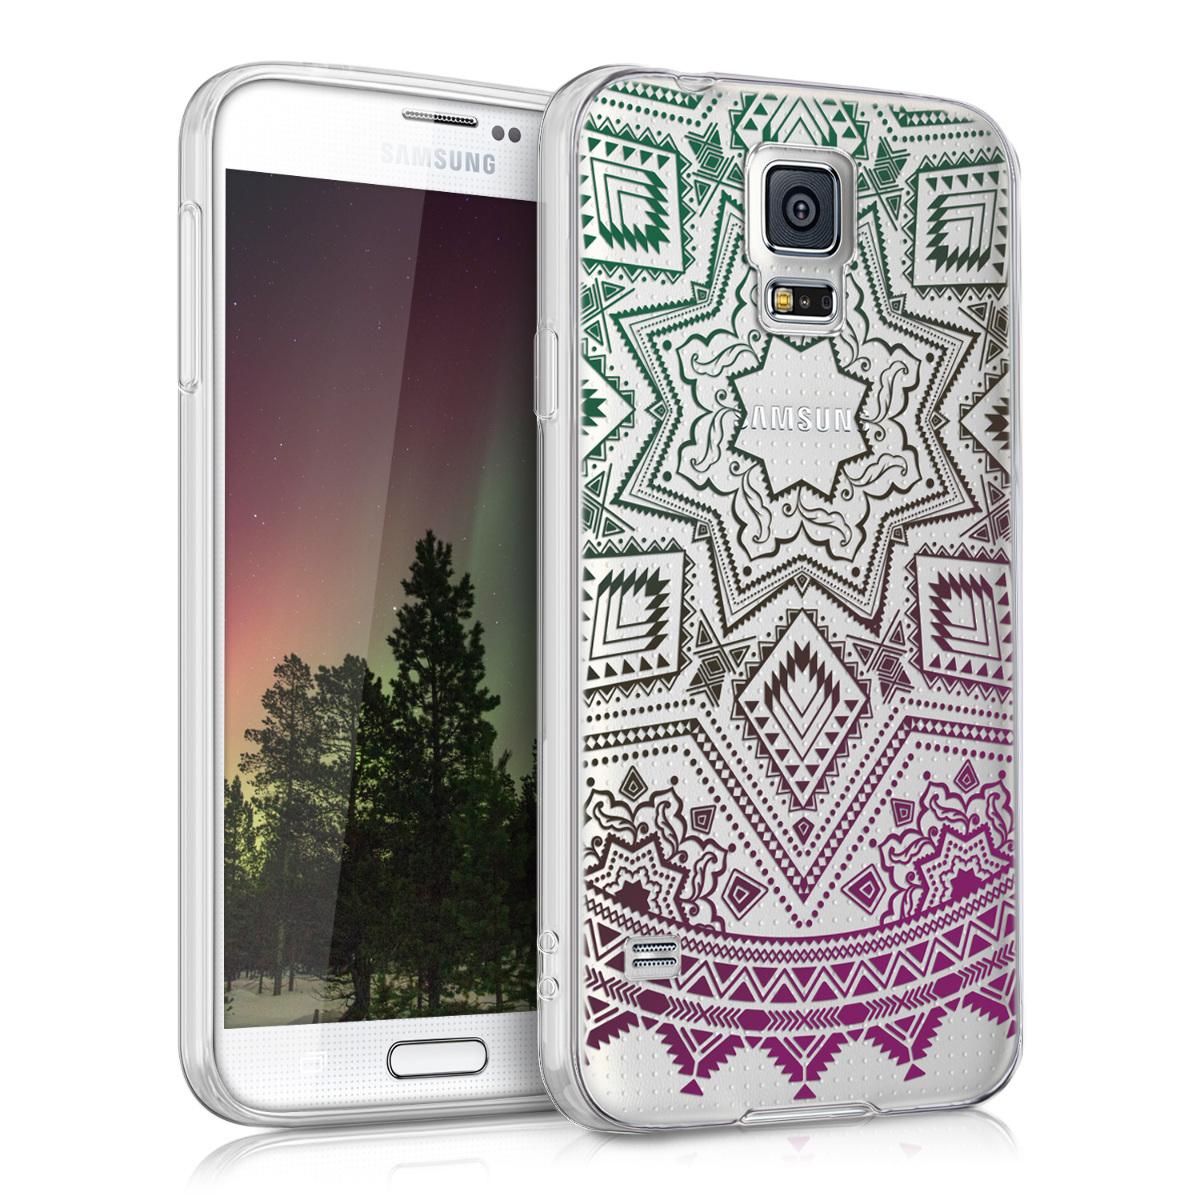 Kvalitní silikonové TPU pouzdro pro Samsung S5 | S5 Neo - Aztec Sun Benzín / tmavě růžová / transparentní